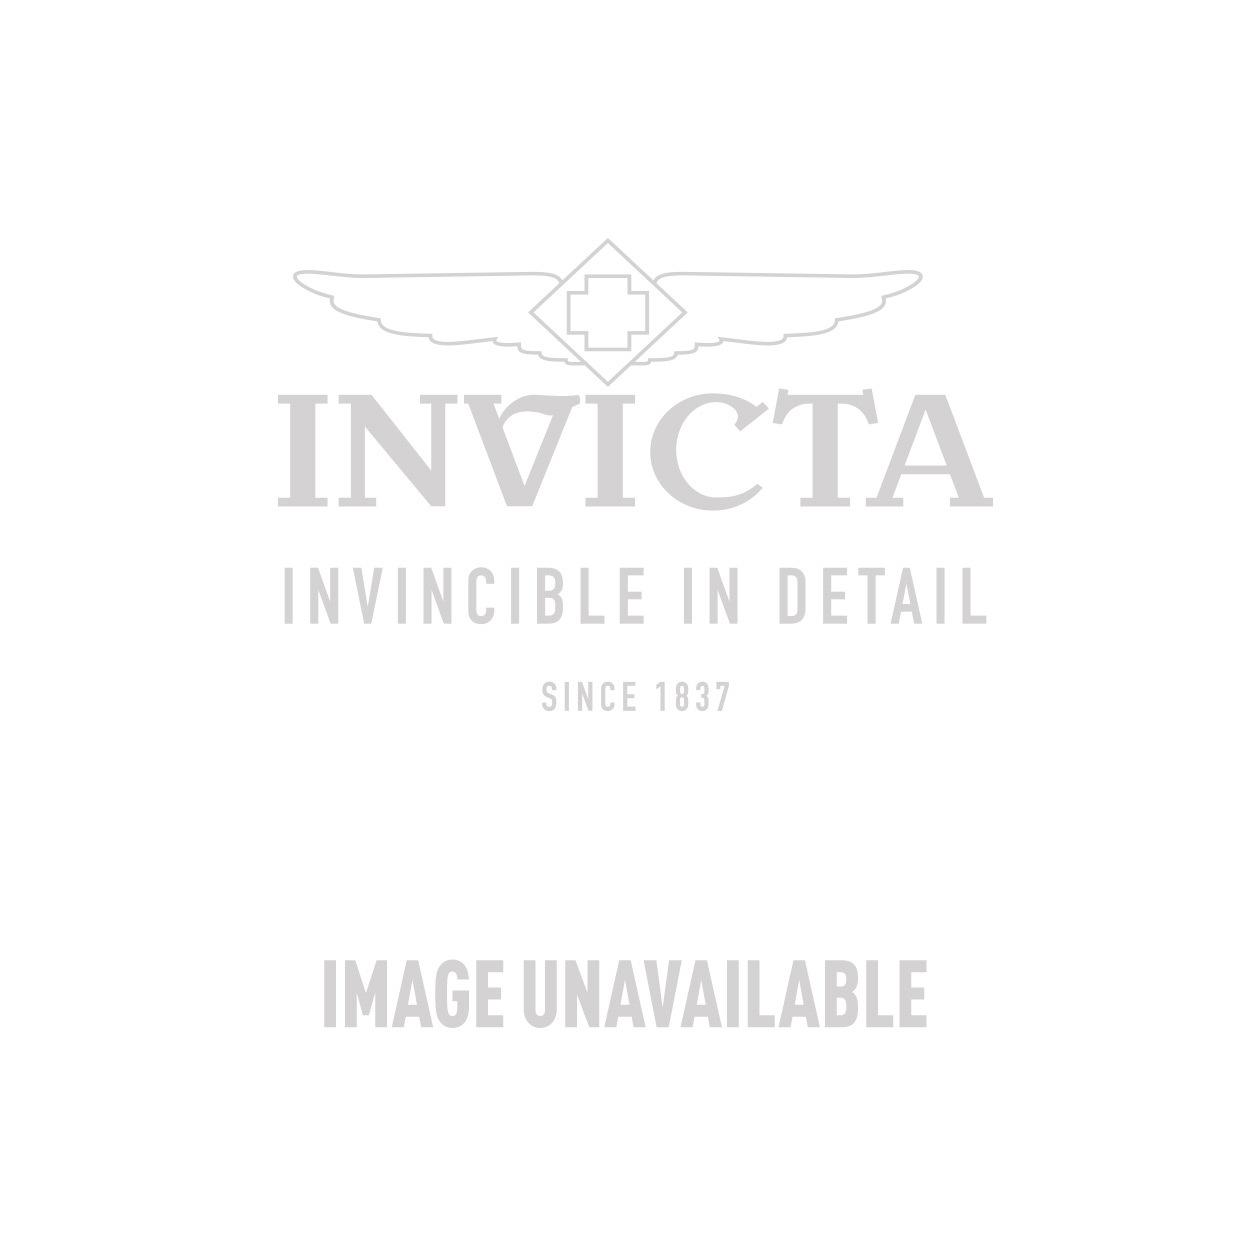 Invicta Model 27208